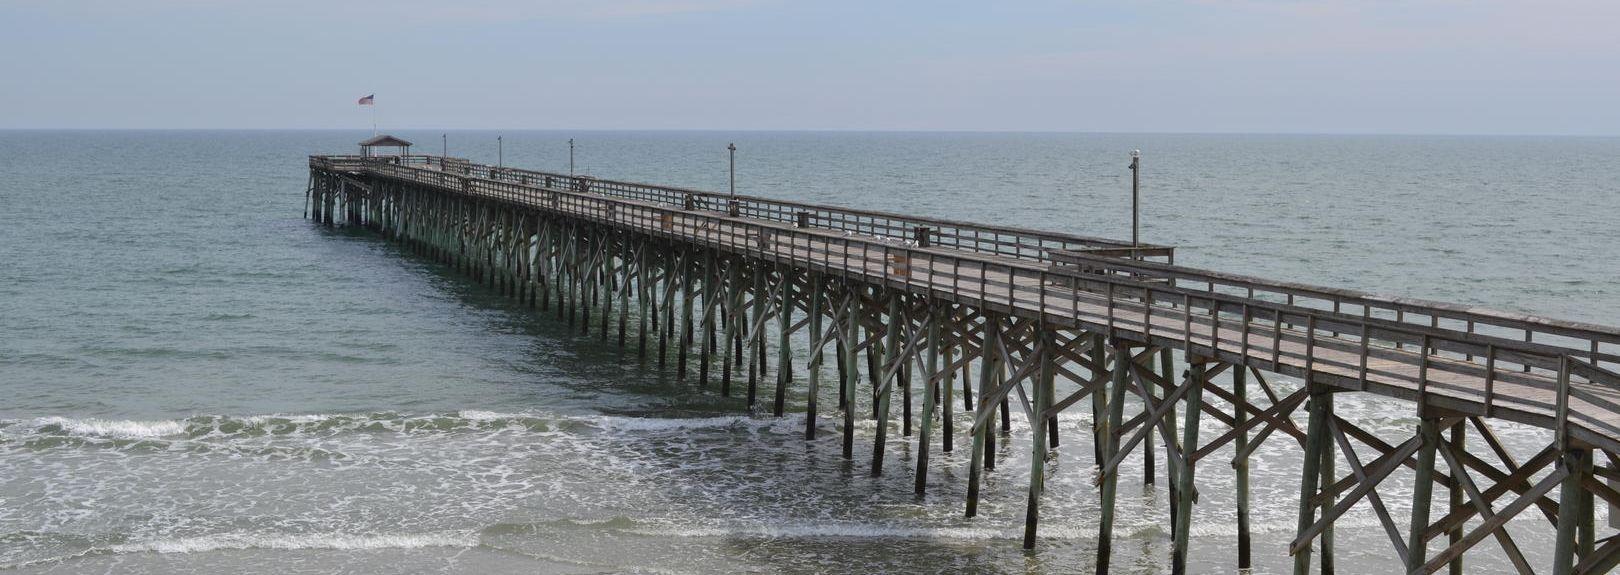 Myrtle Beach State Park, Myrtle Beach, Caroline du Sud, États-Unis